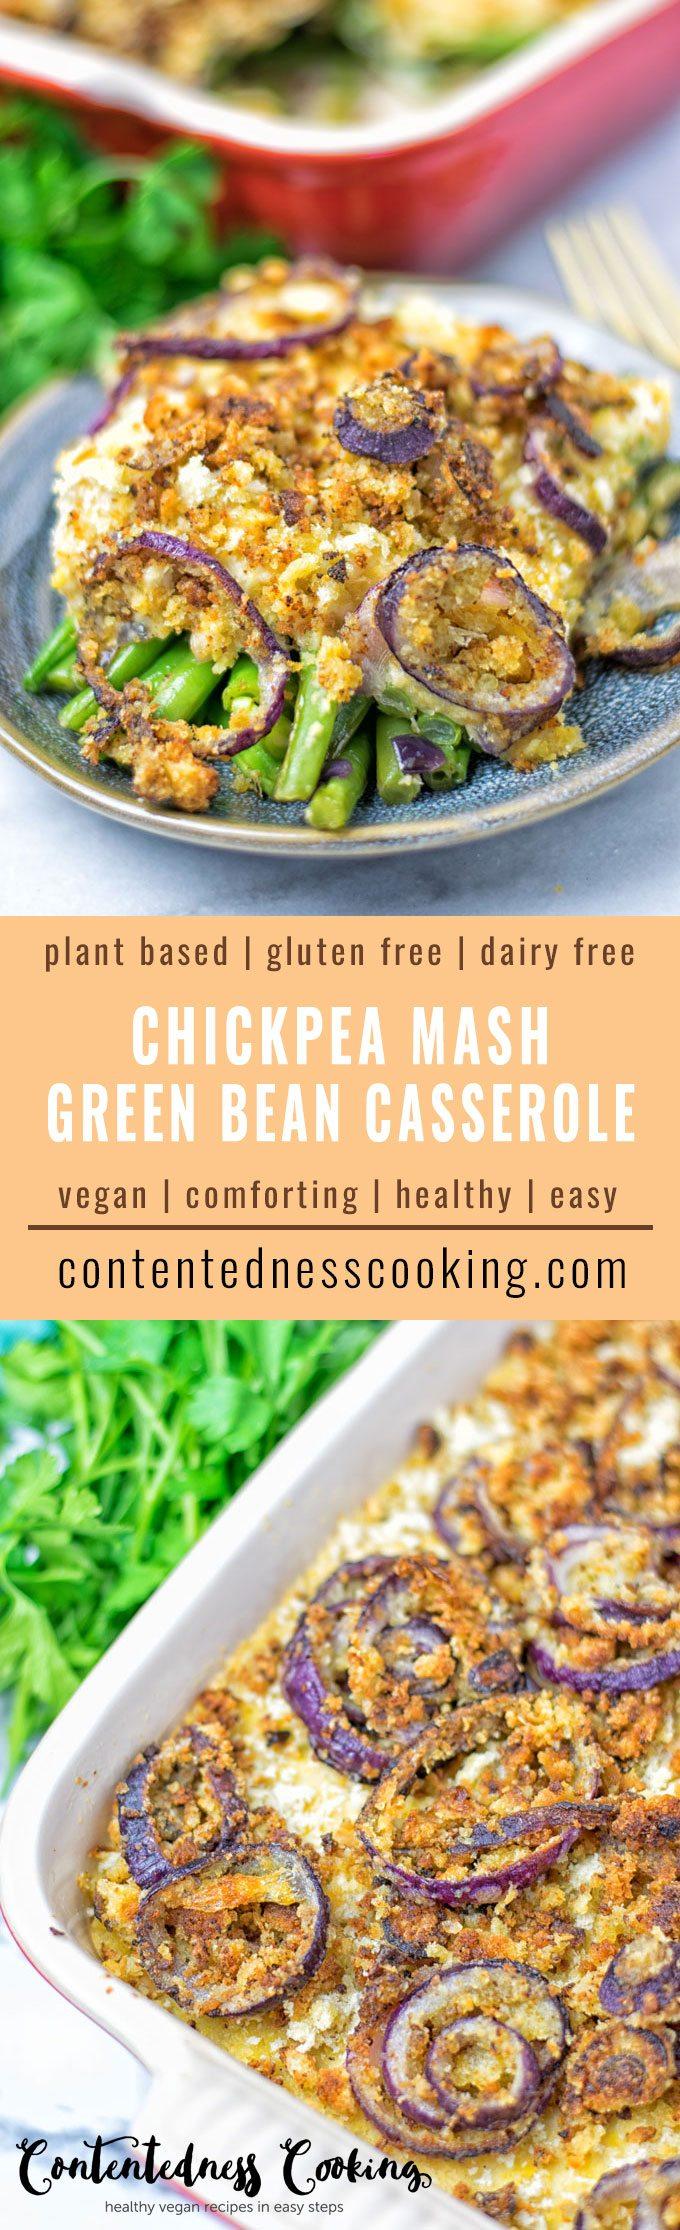 Chickpea Mash Green Bean Casserole | #vegan #glutenfree #contentednesscooking #dairyfree #plantbased